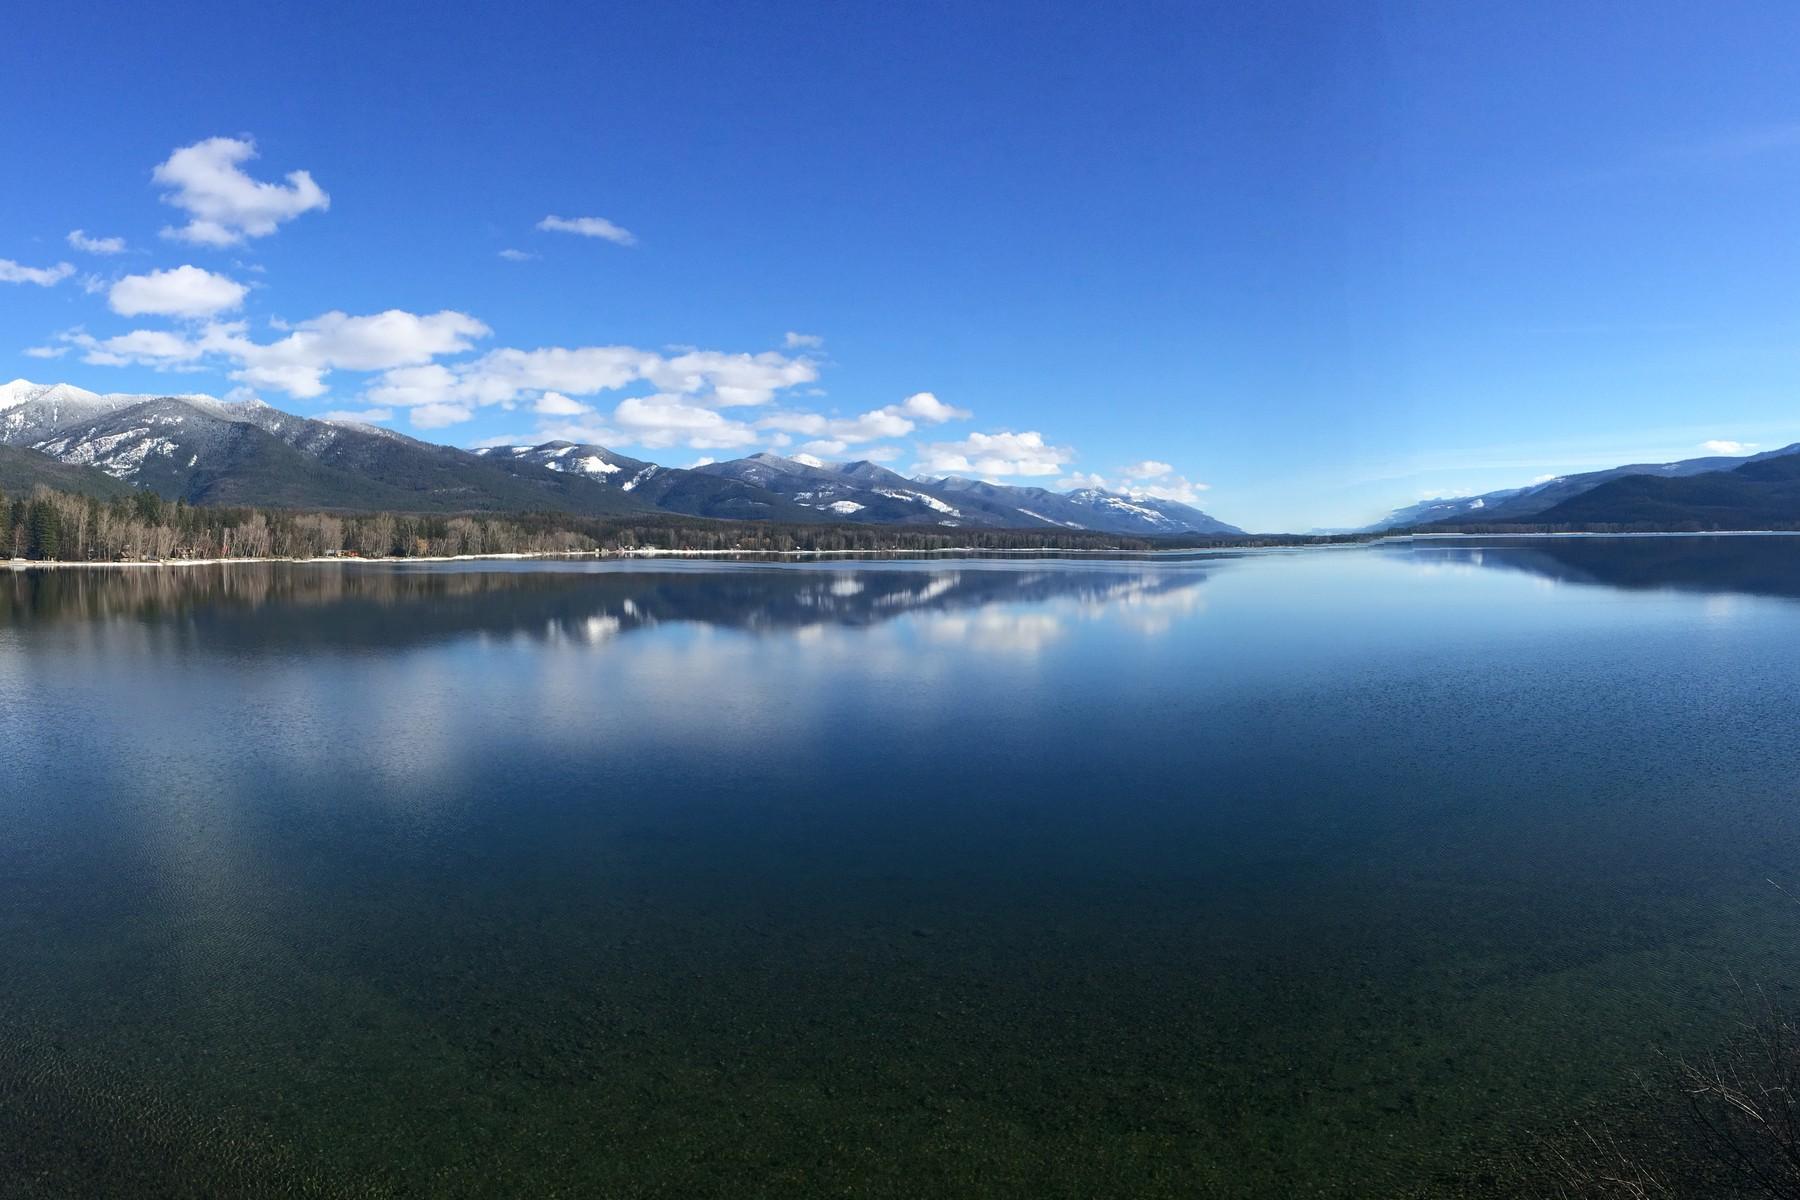 Land for Sale at NHN Geri Lane Nhn Geri Ln Swan Lake, Montana, 59911 United States